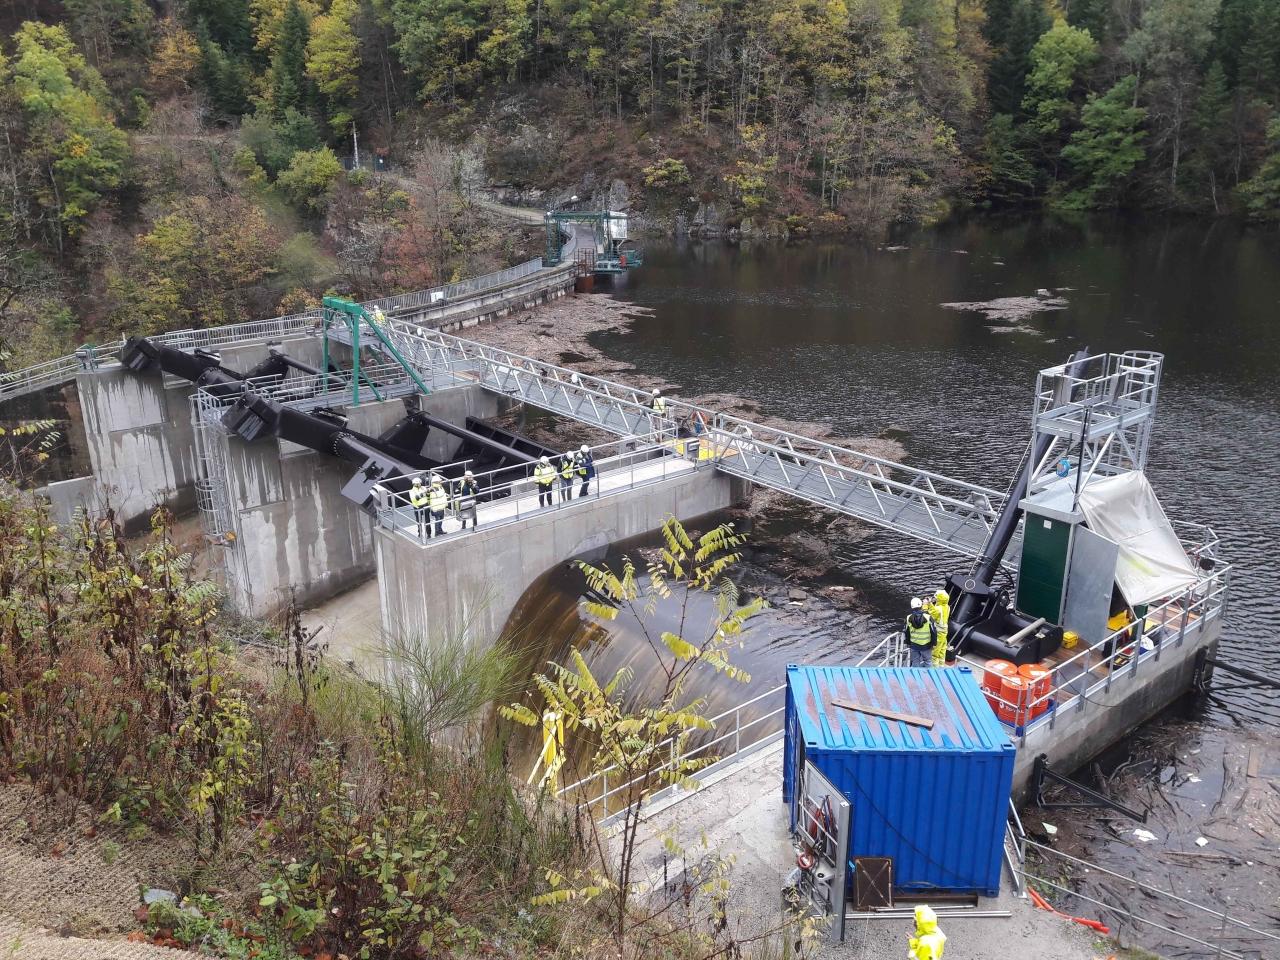 Remplacement de 3 évacuateurs de crues - barrage des essarts